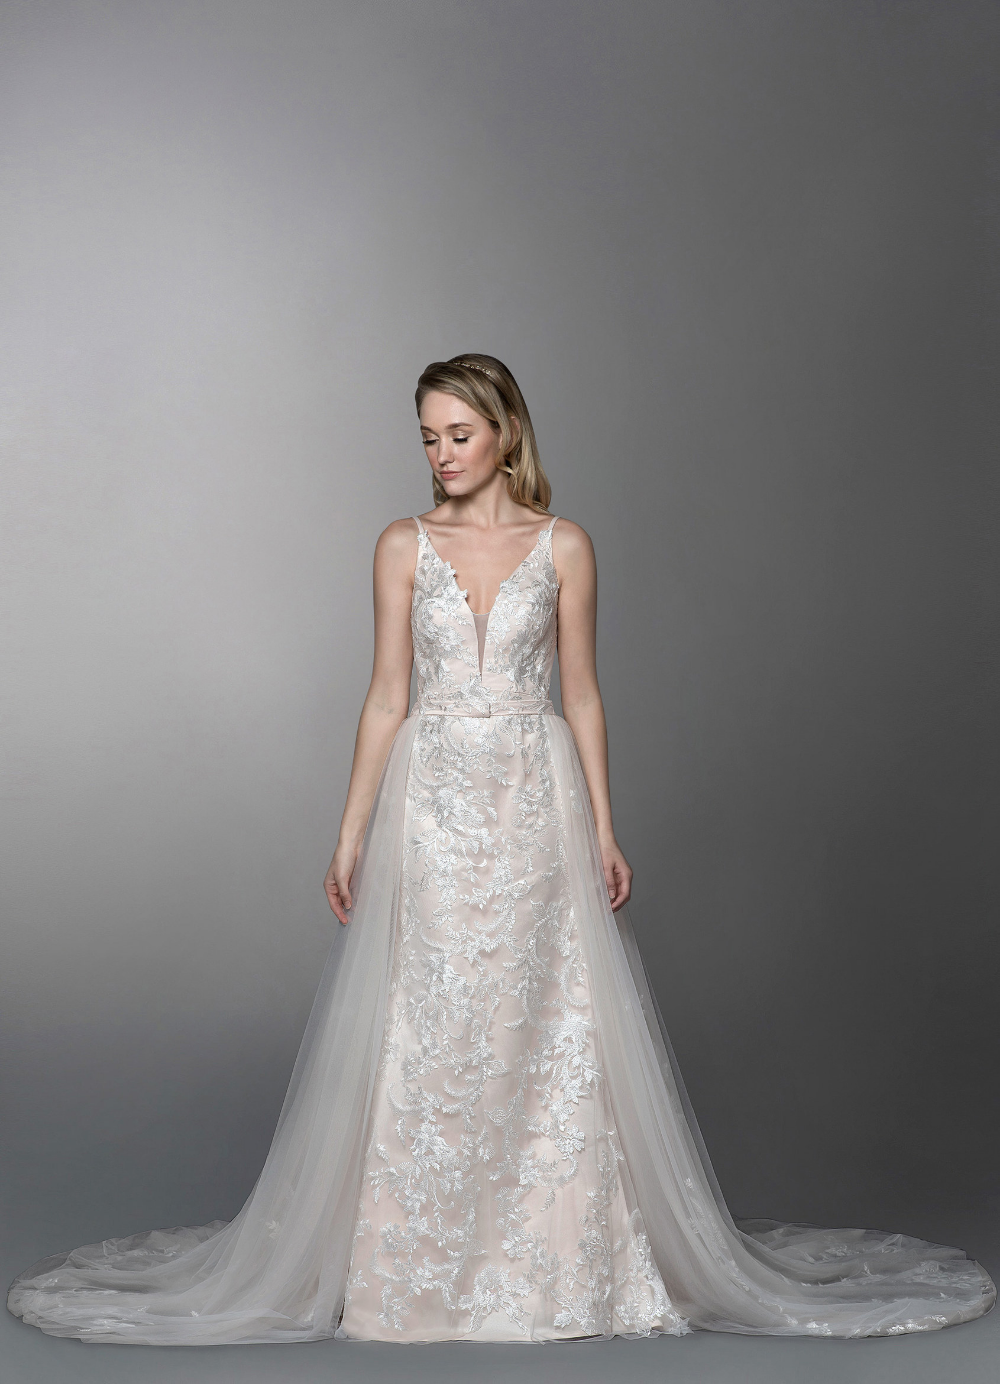 Azazie Aphrodite with Detachable Train BG Wedding Dresses